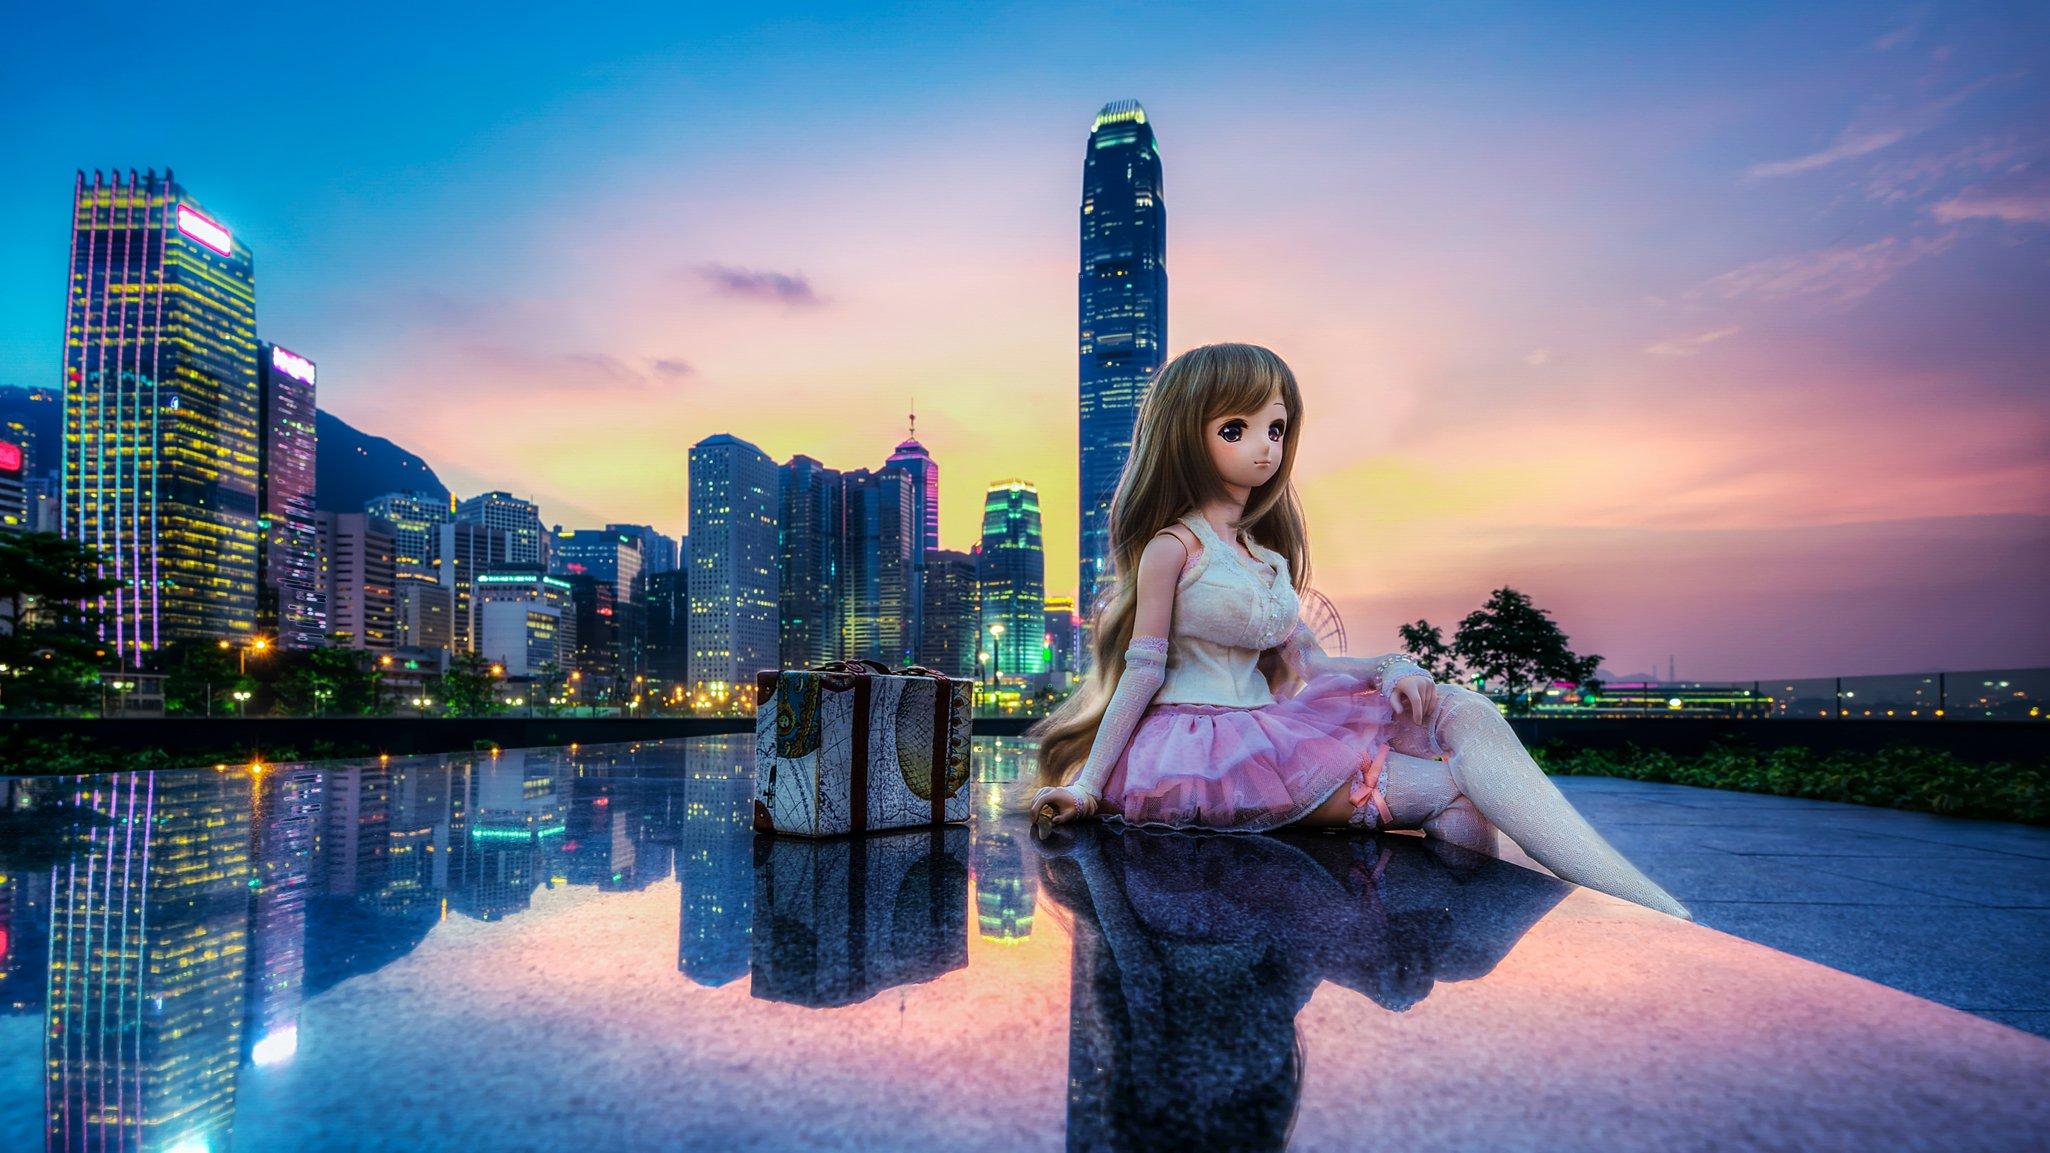 Красивая девушка на фоне красивого пейзажа — pic 2